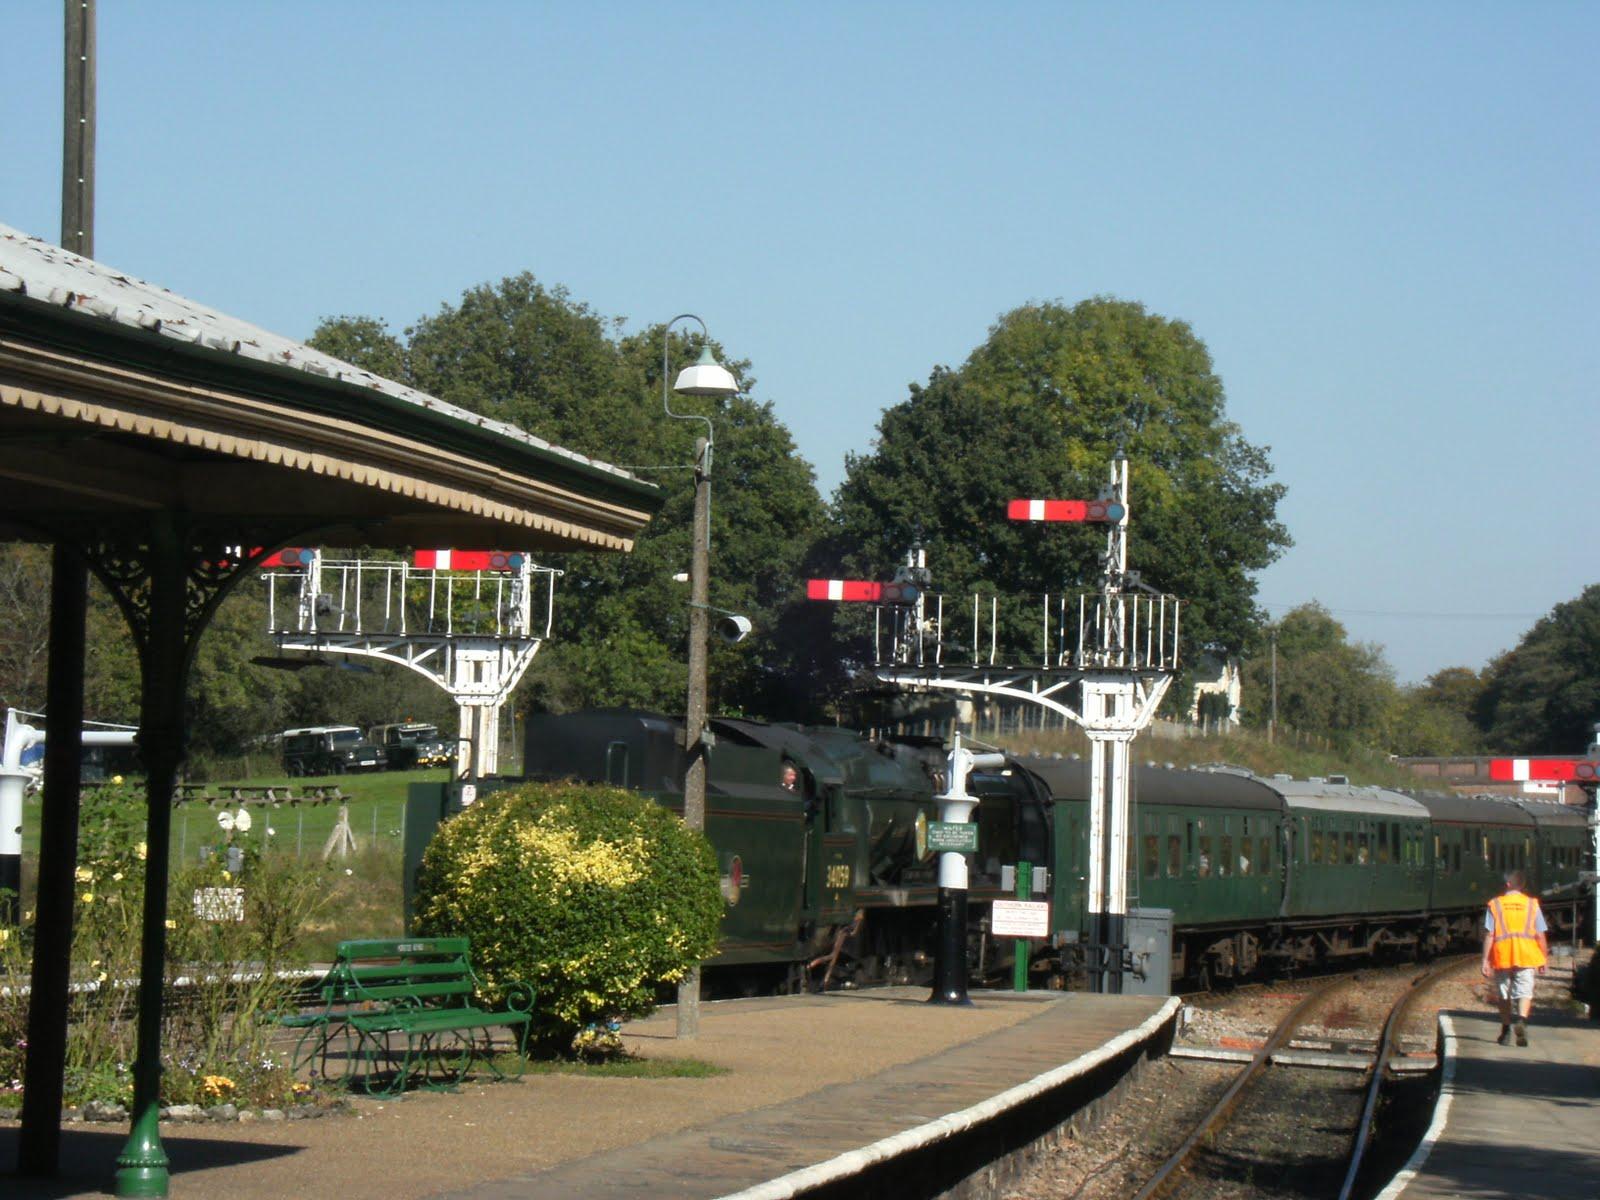 DSCF9725 The 12:13 arrives at Horsted Keynes station